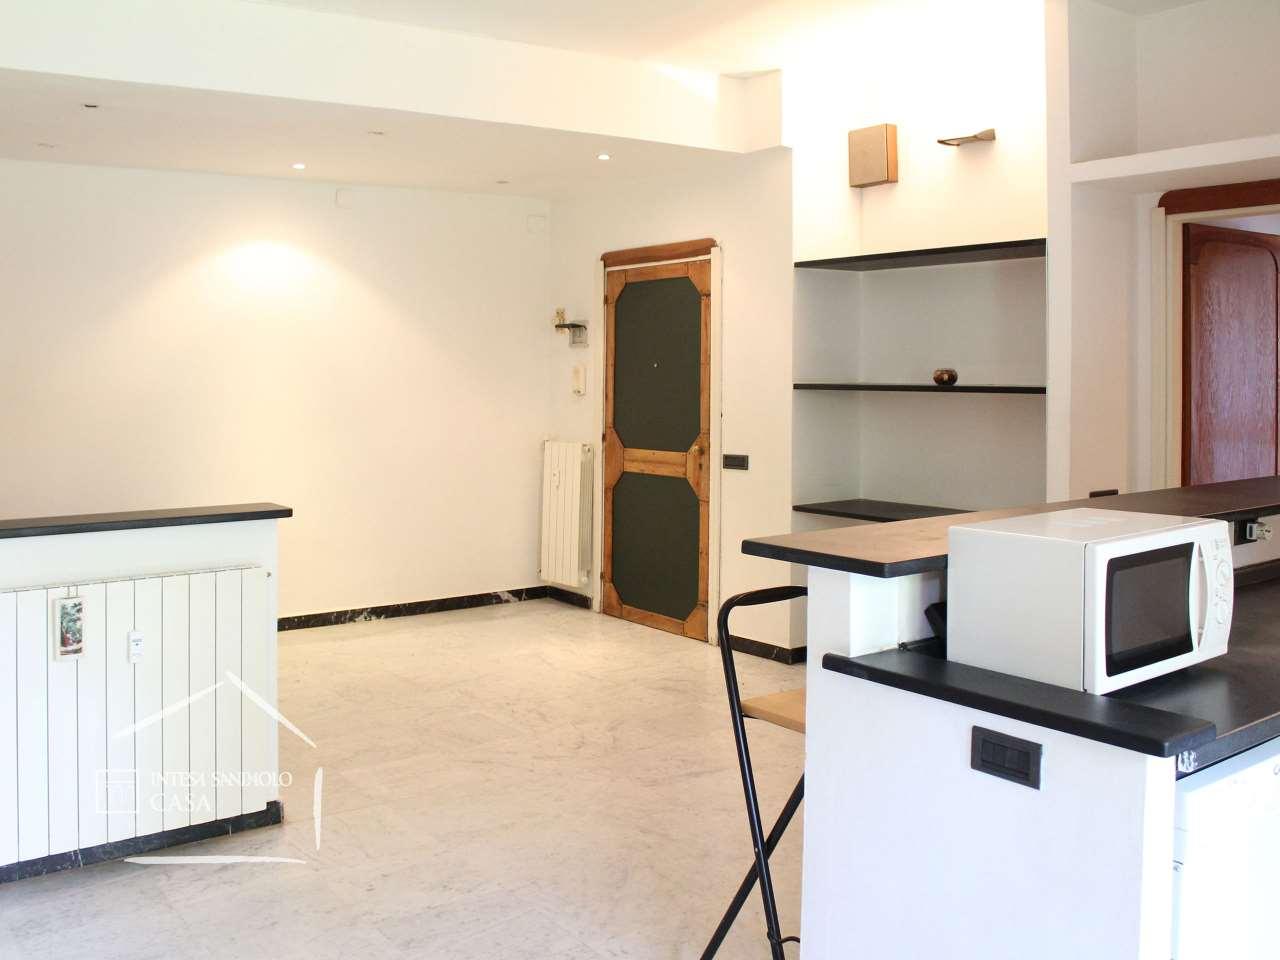 Appartamento in Vendita a Genova: 3 locali, 116 mq - Foto 6